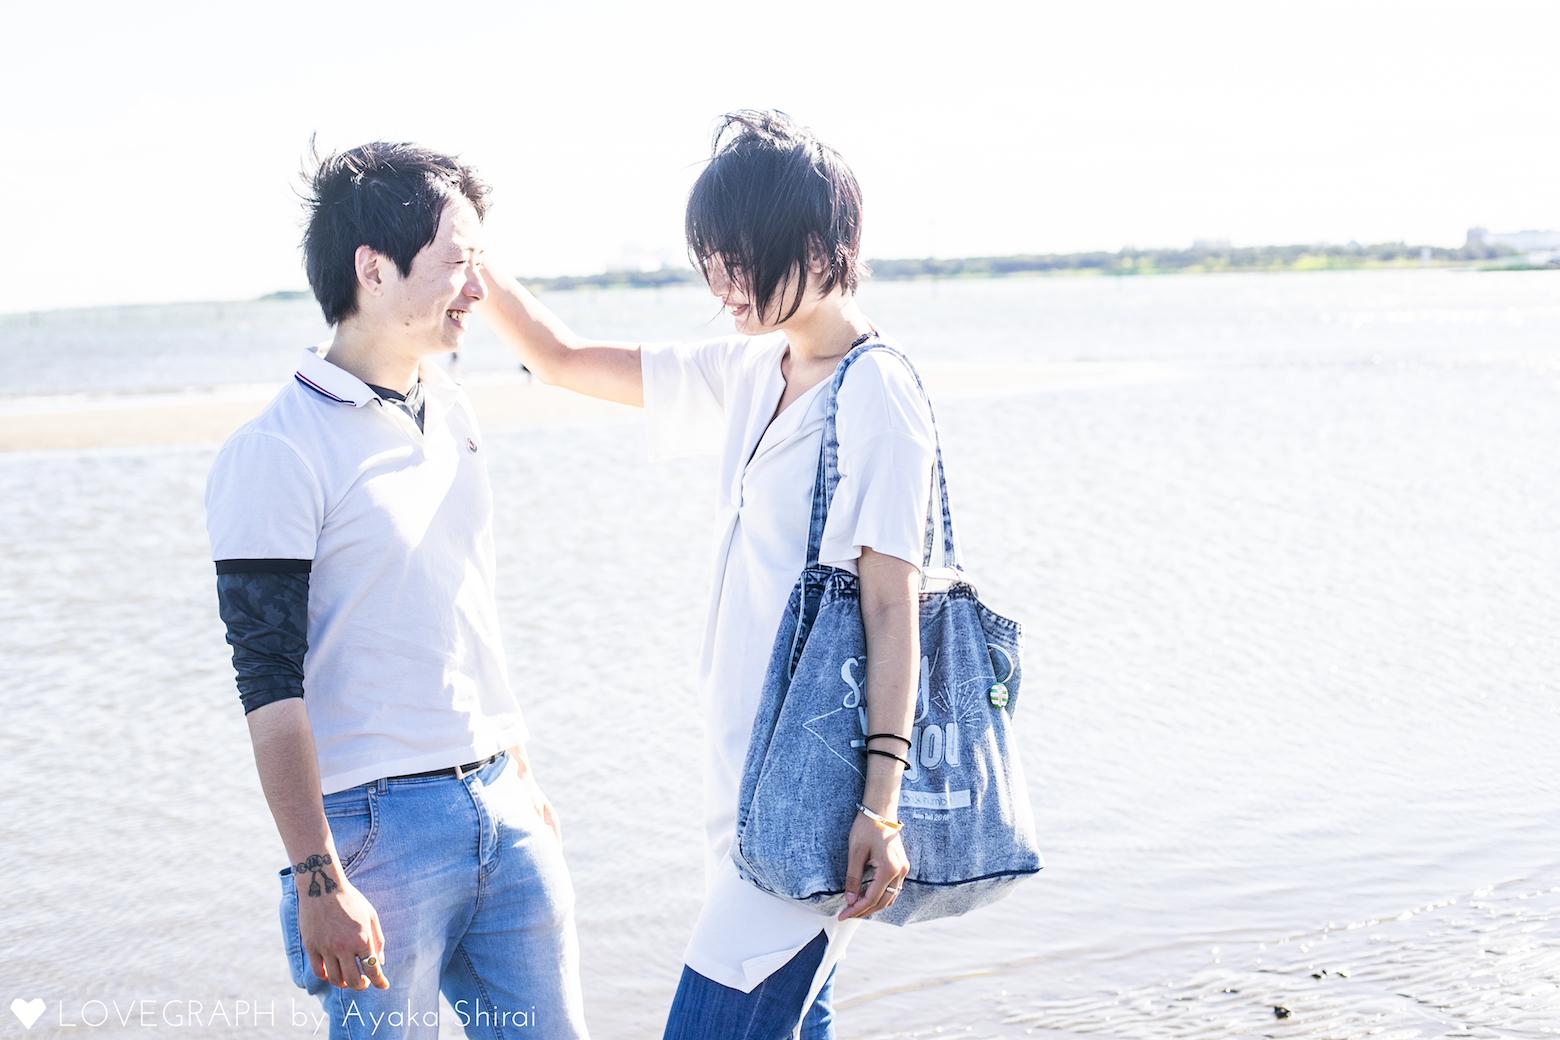 浜辺で男性の頭に手を乗せる女性